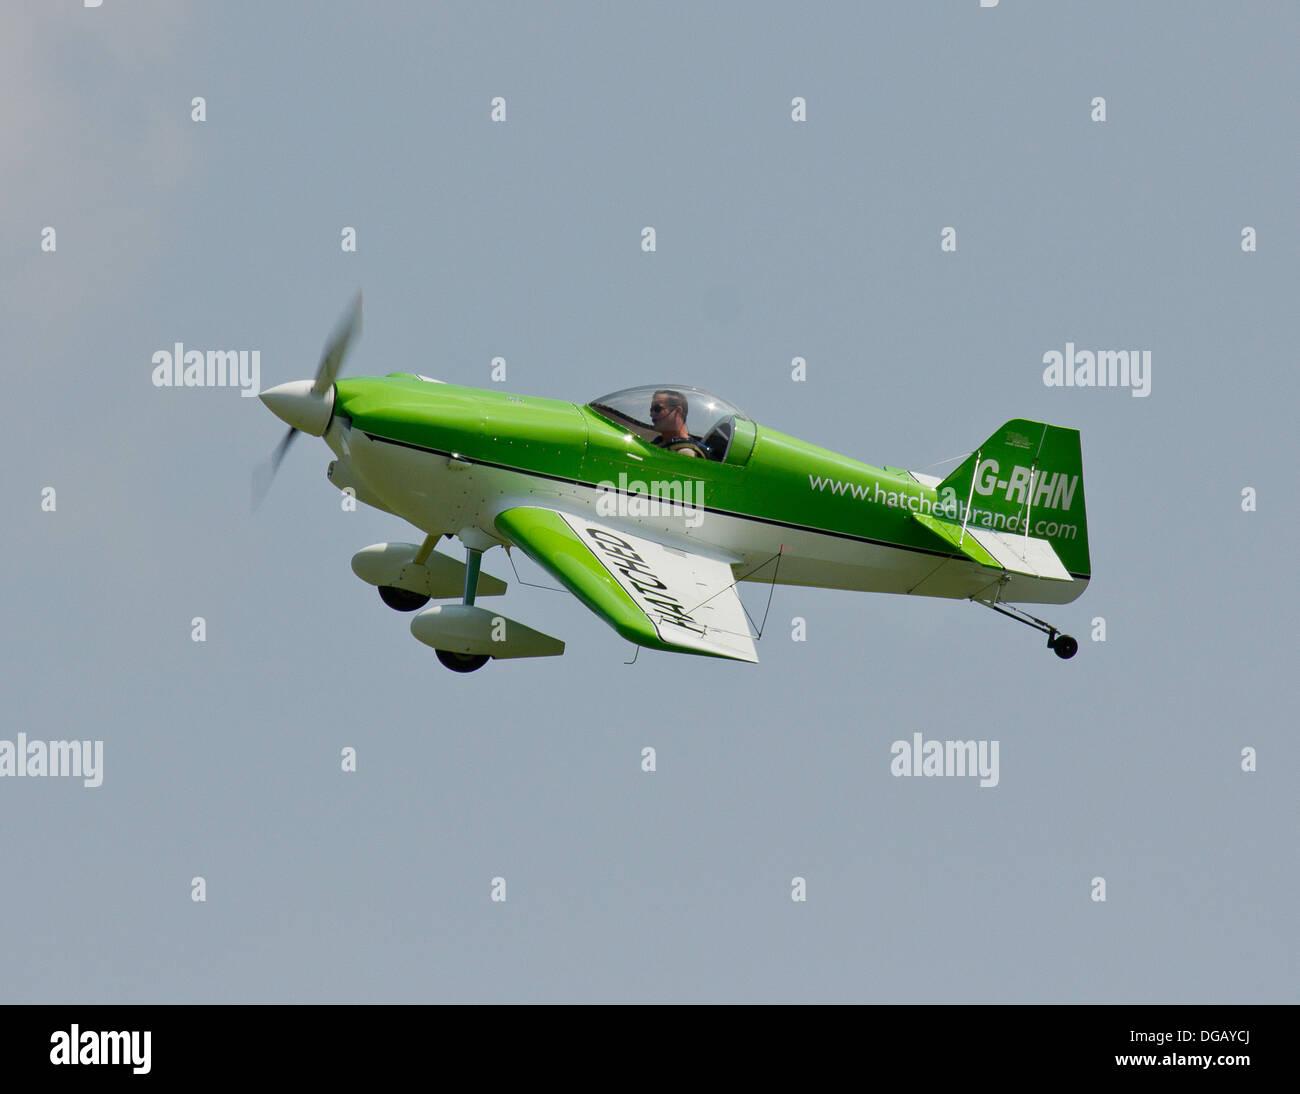 Aerobatic Aircraft Dan Rihn DR. 107 One Design - Stock Image